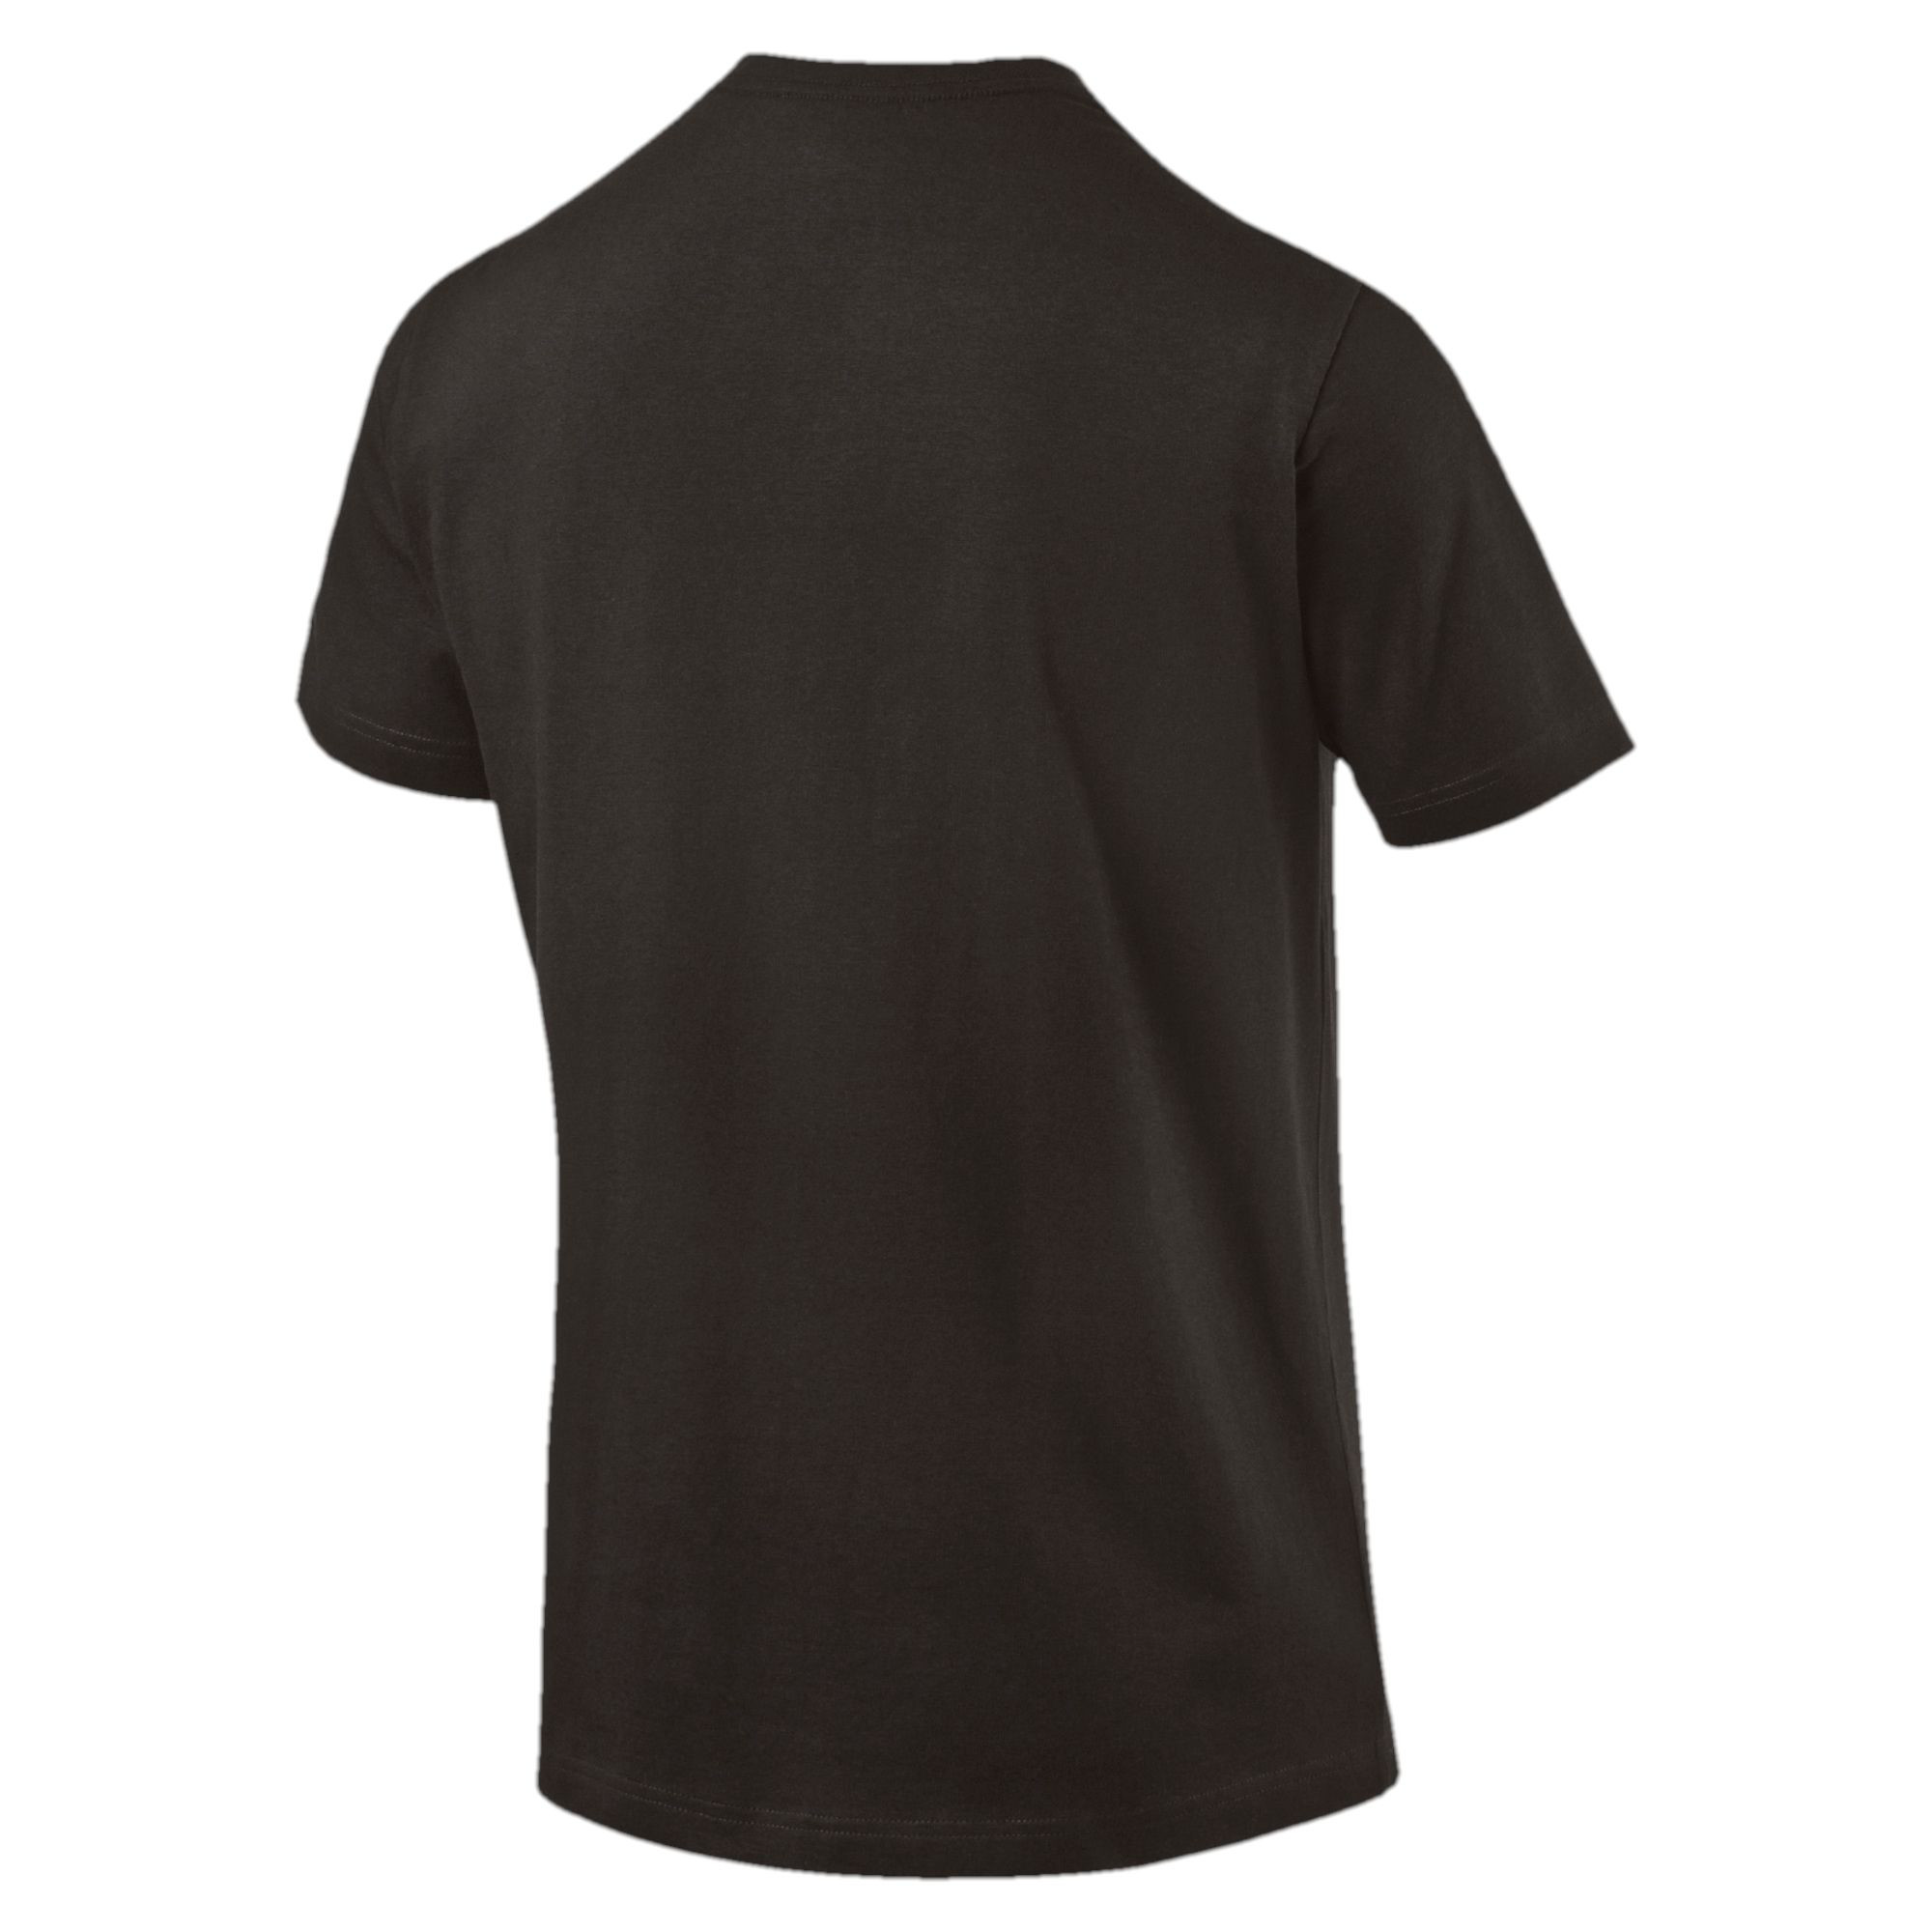 PUMA-Iconic-V-Neck-T-Shirt-Men-Tee-Basics thumbnail 15